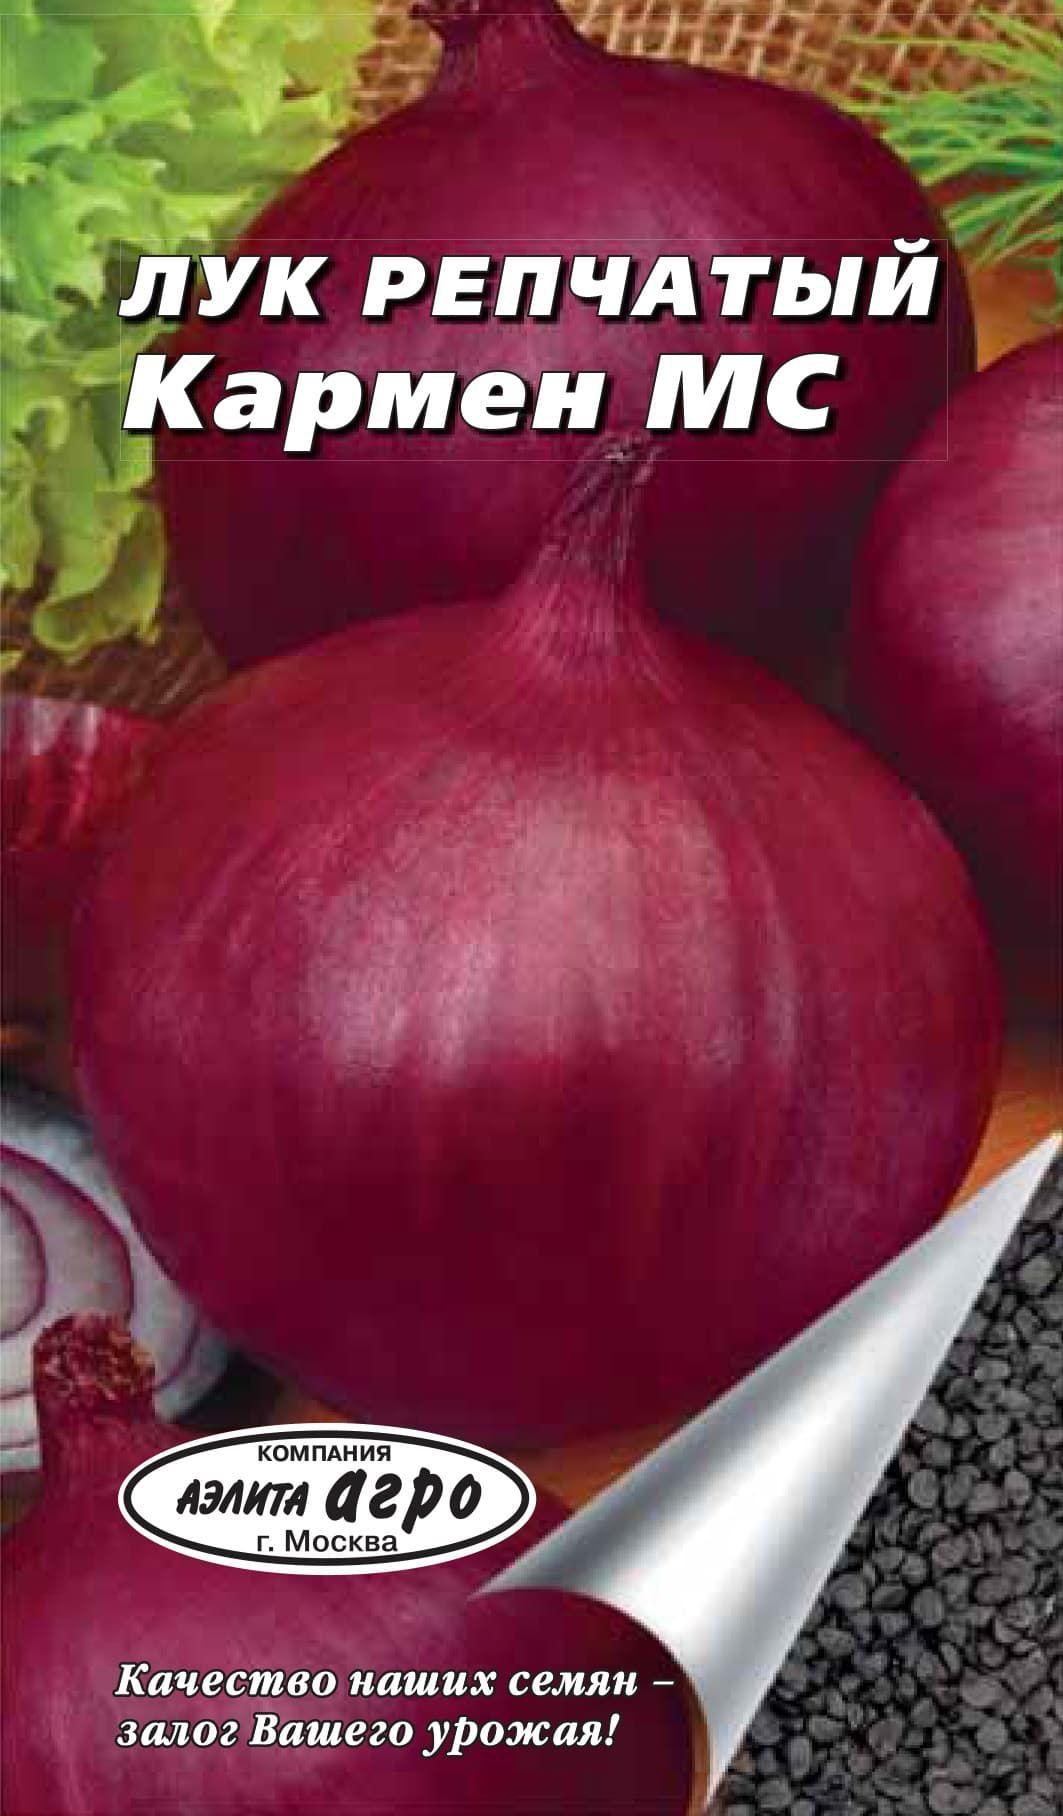 Лук кармен: описание сорта и особенности выращивания